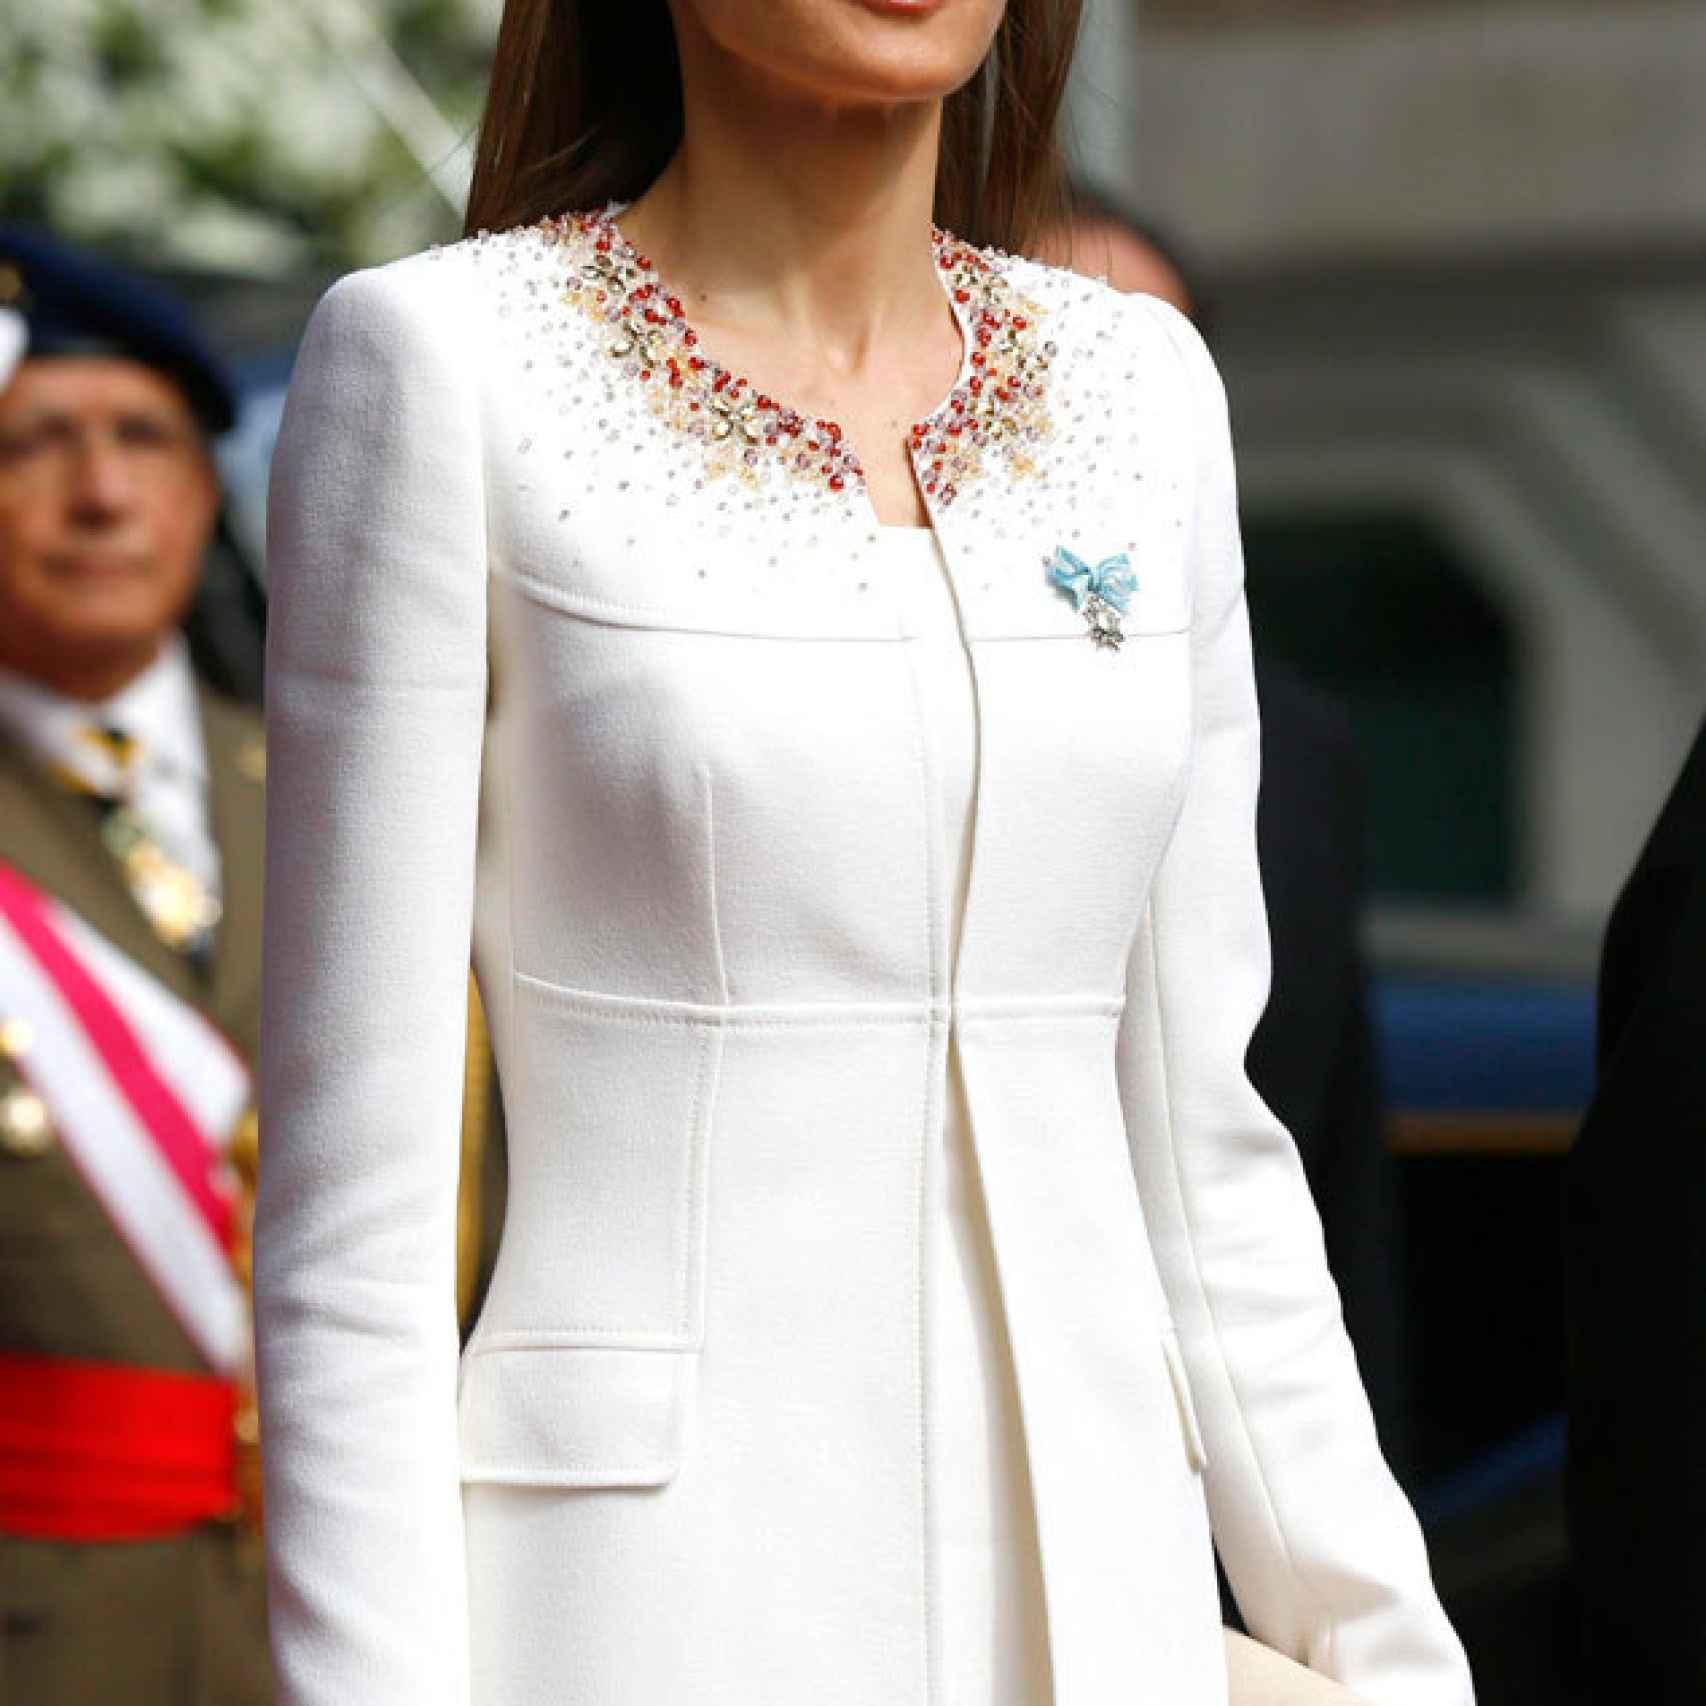 Felipe Varela elaboró entre otros, el traje de la Reina el día de la proclamación de Felipe VI.